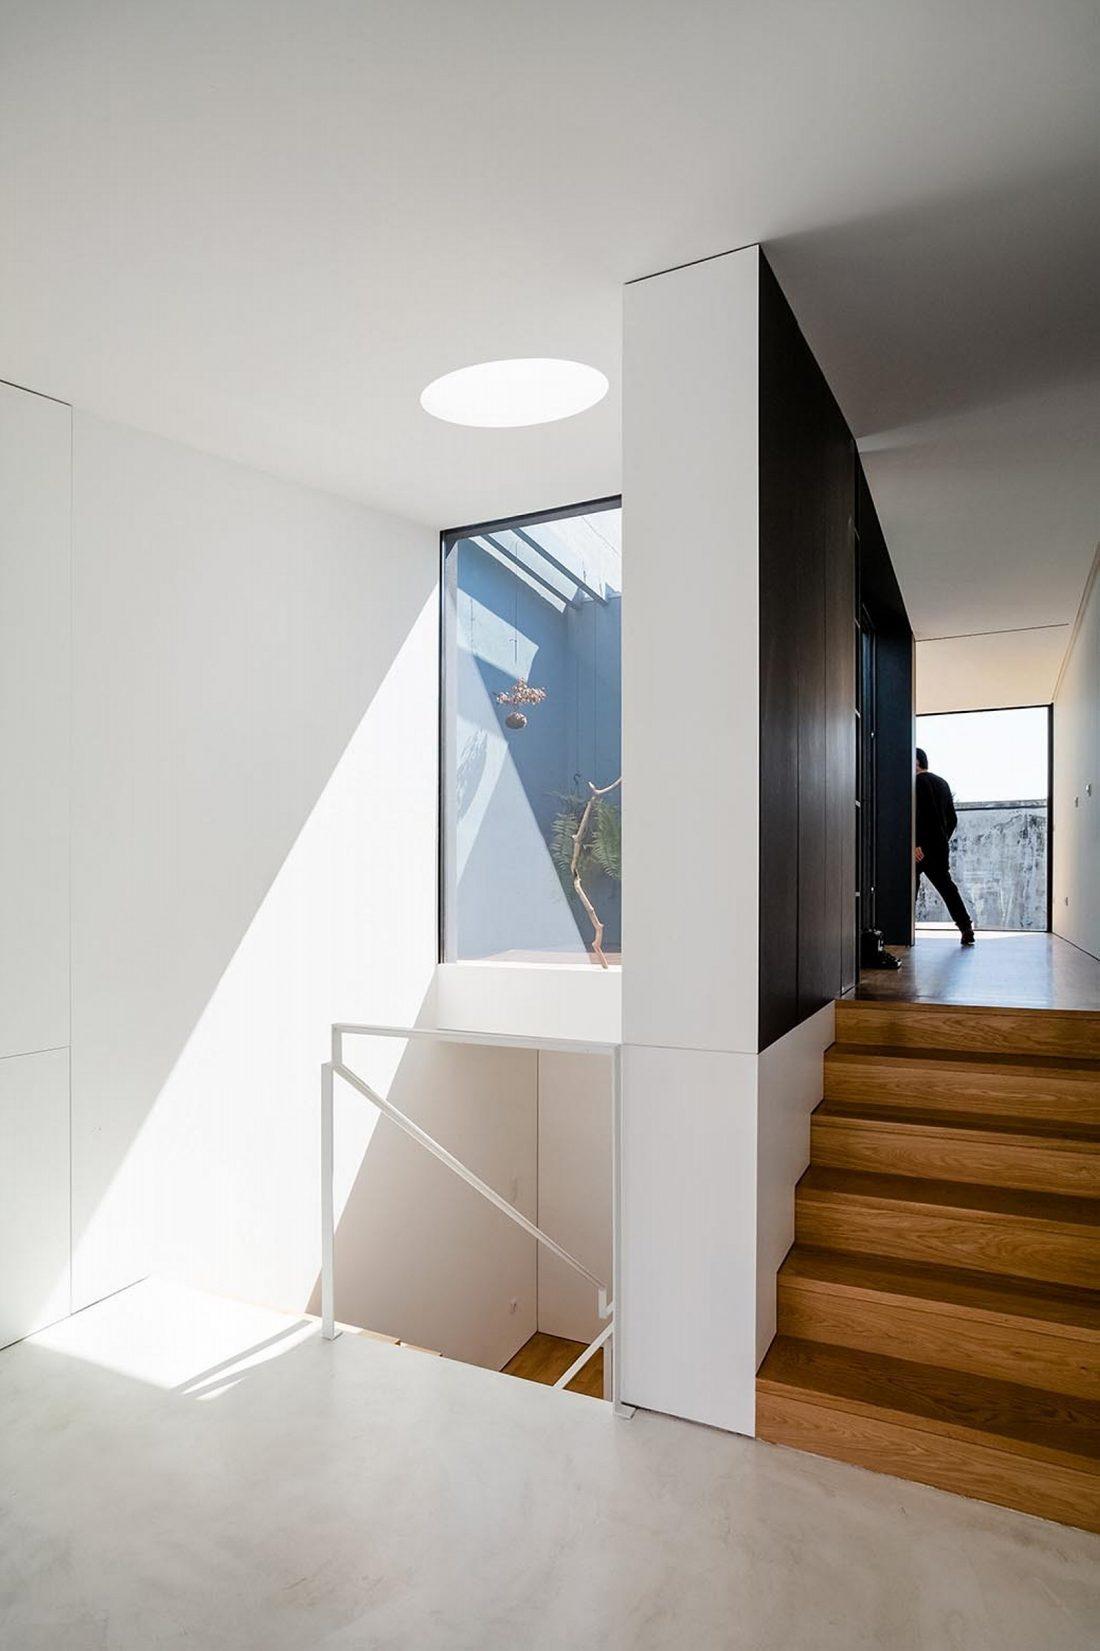 Реконструкция старинного дома Bonjardim House в Португалии по проекту ATKA arquitectos 34